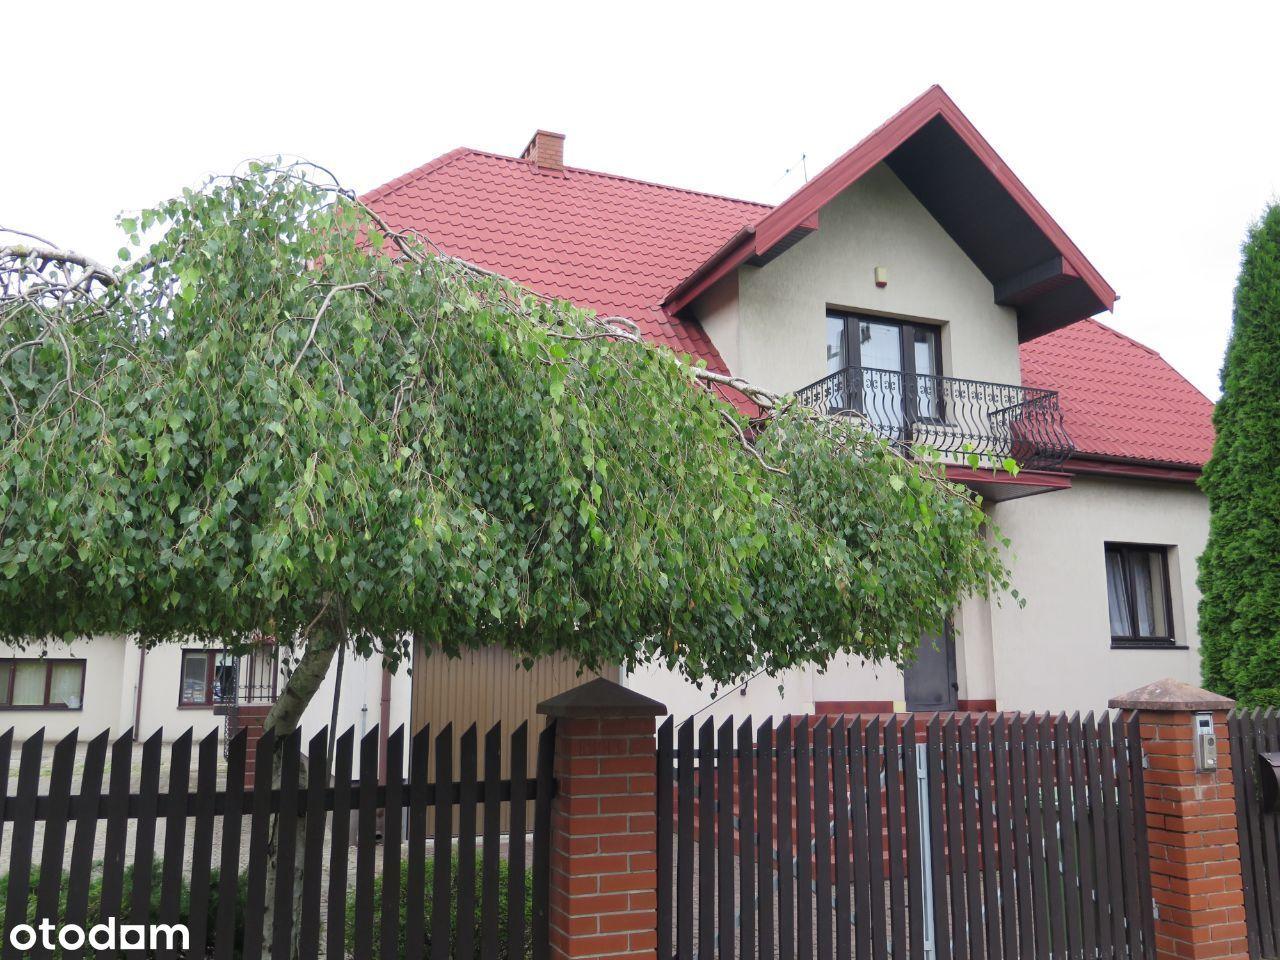 Dom jednorodzinny (250m²), z bud. gosp. (99m²)